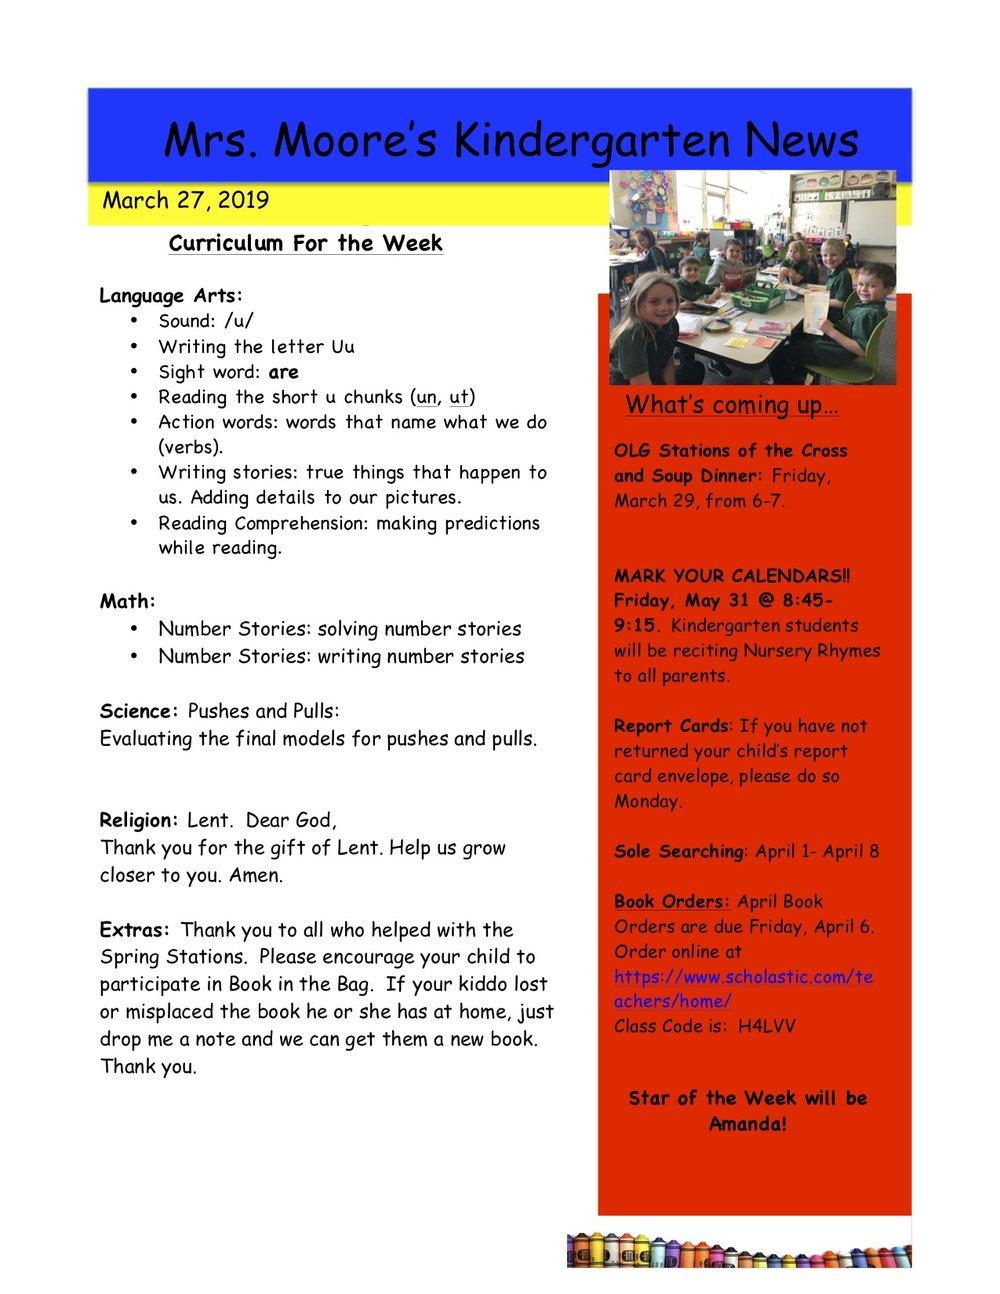 MooreNewsletter Week 3-26-19.jpg